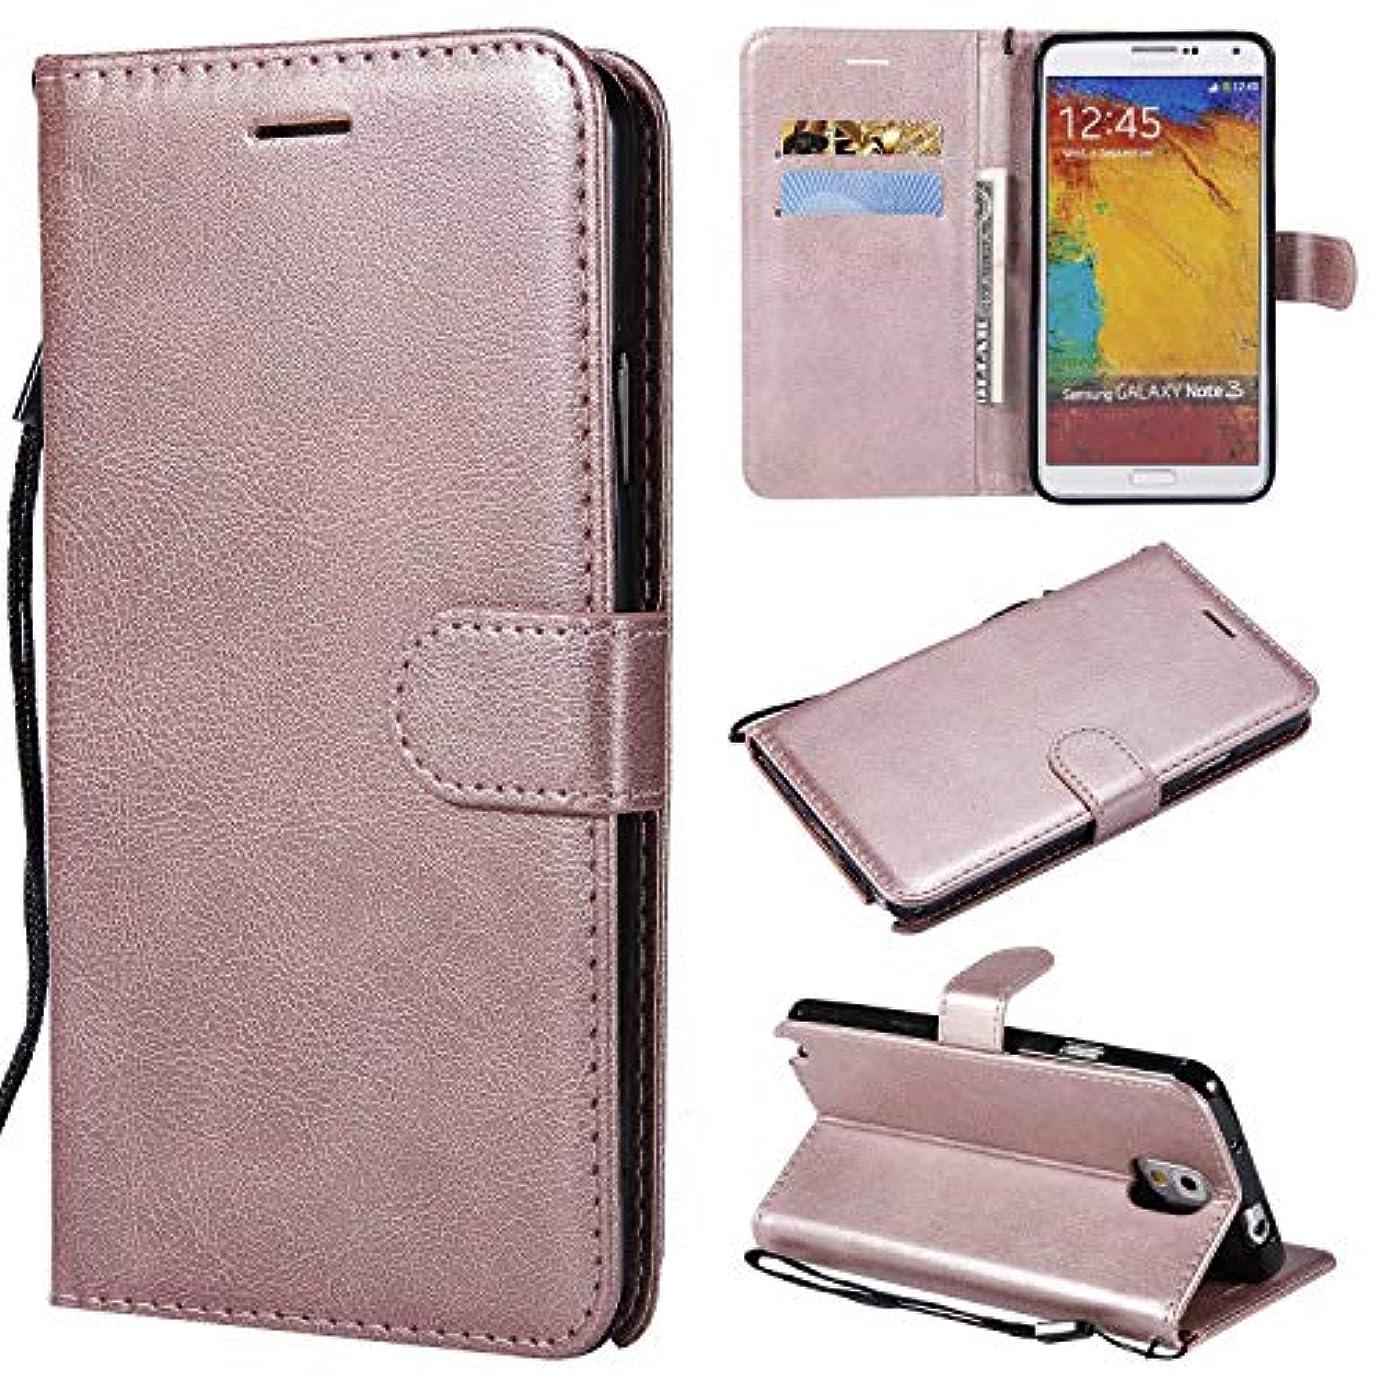 性格首相シャークGalaxy Note 3 ケース手帳型 OMATENTI レザー 革 薄型 手帳型カバー カード入れ スタンド機能 サムスン Galaxy Note 3 おしゃれ 手帳ケース (4-ローズゴールド)